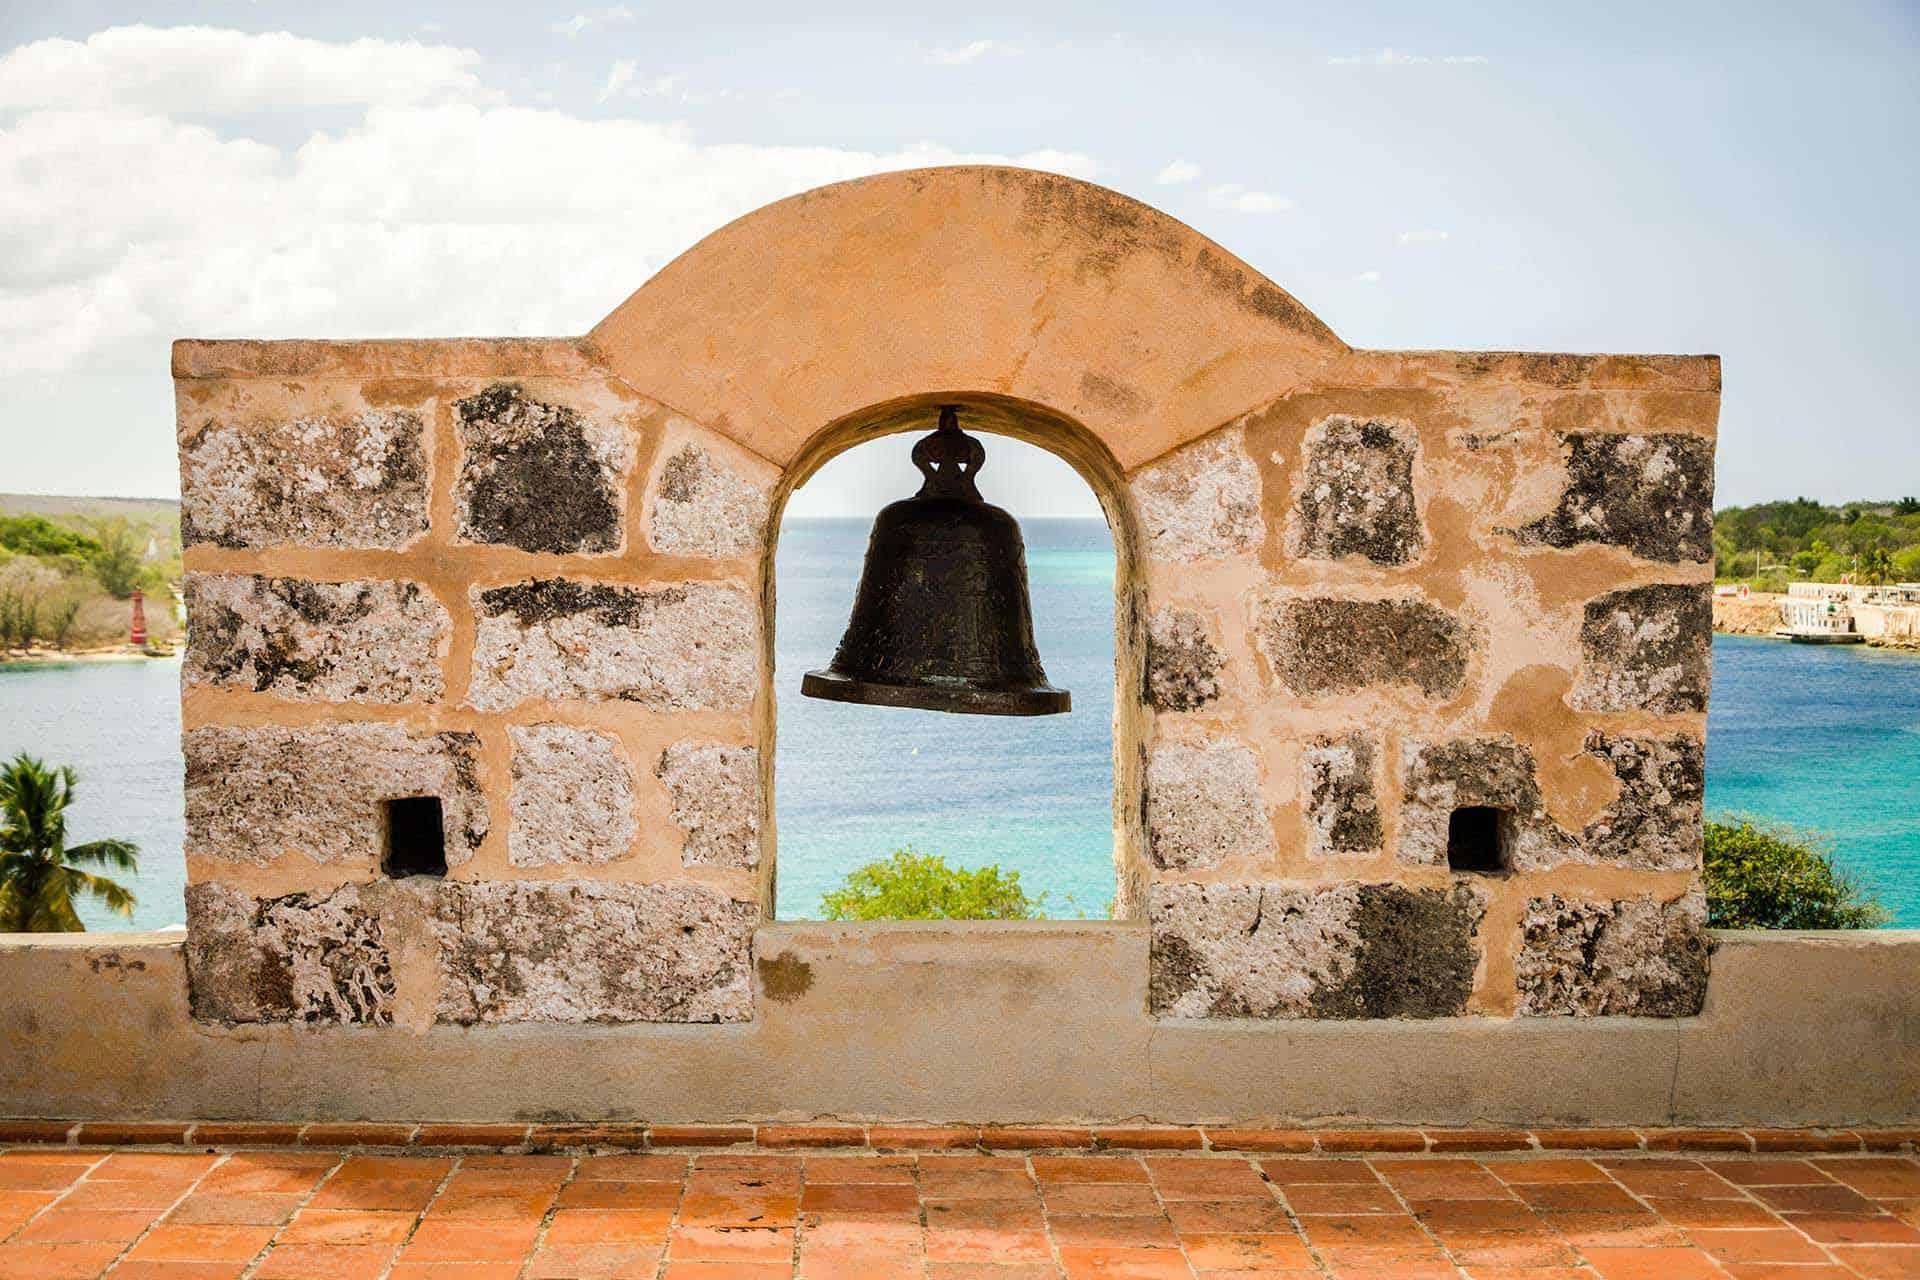 cienfuegos cloche castillo de jagua cuba autrement